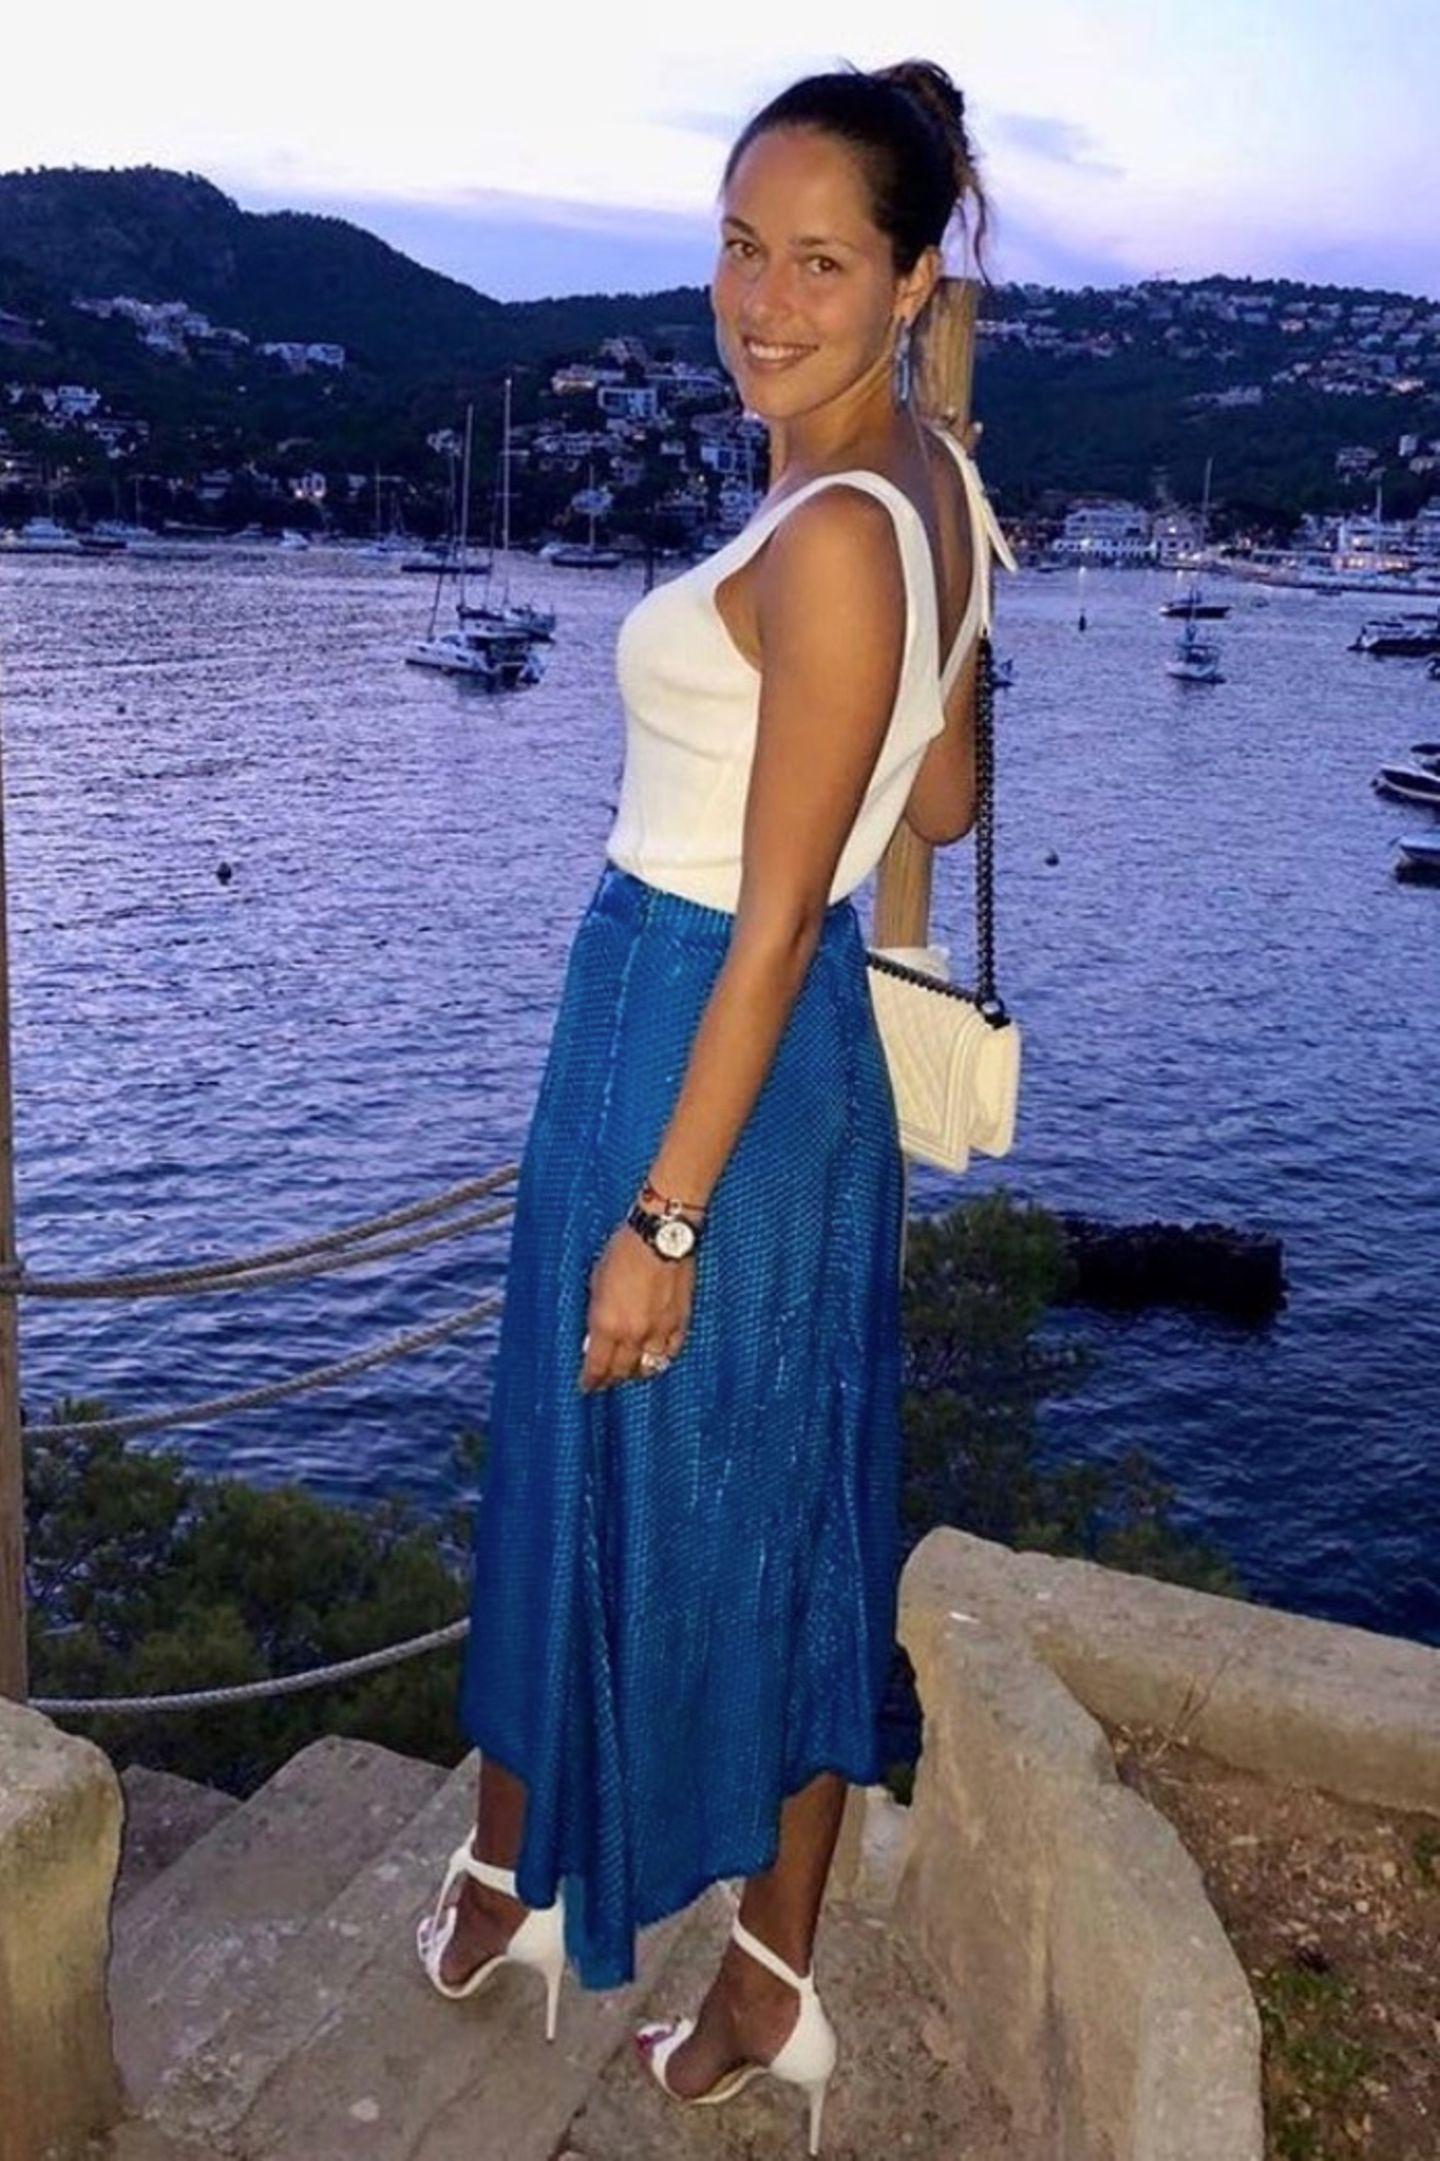 Weiß zu Blau - das passt für einen Sommerabend am See natürlich perfekt. Der Look versprühtdurch Ana Ivanovics natürliches Make-up besonders viel Urlaubsstimmung.